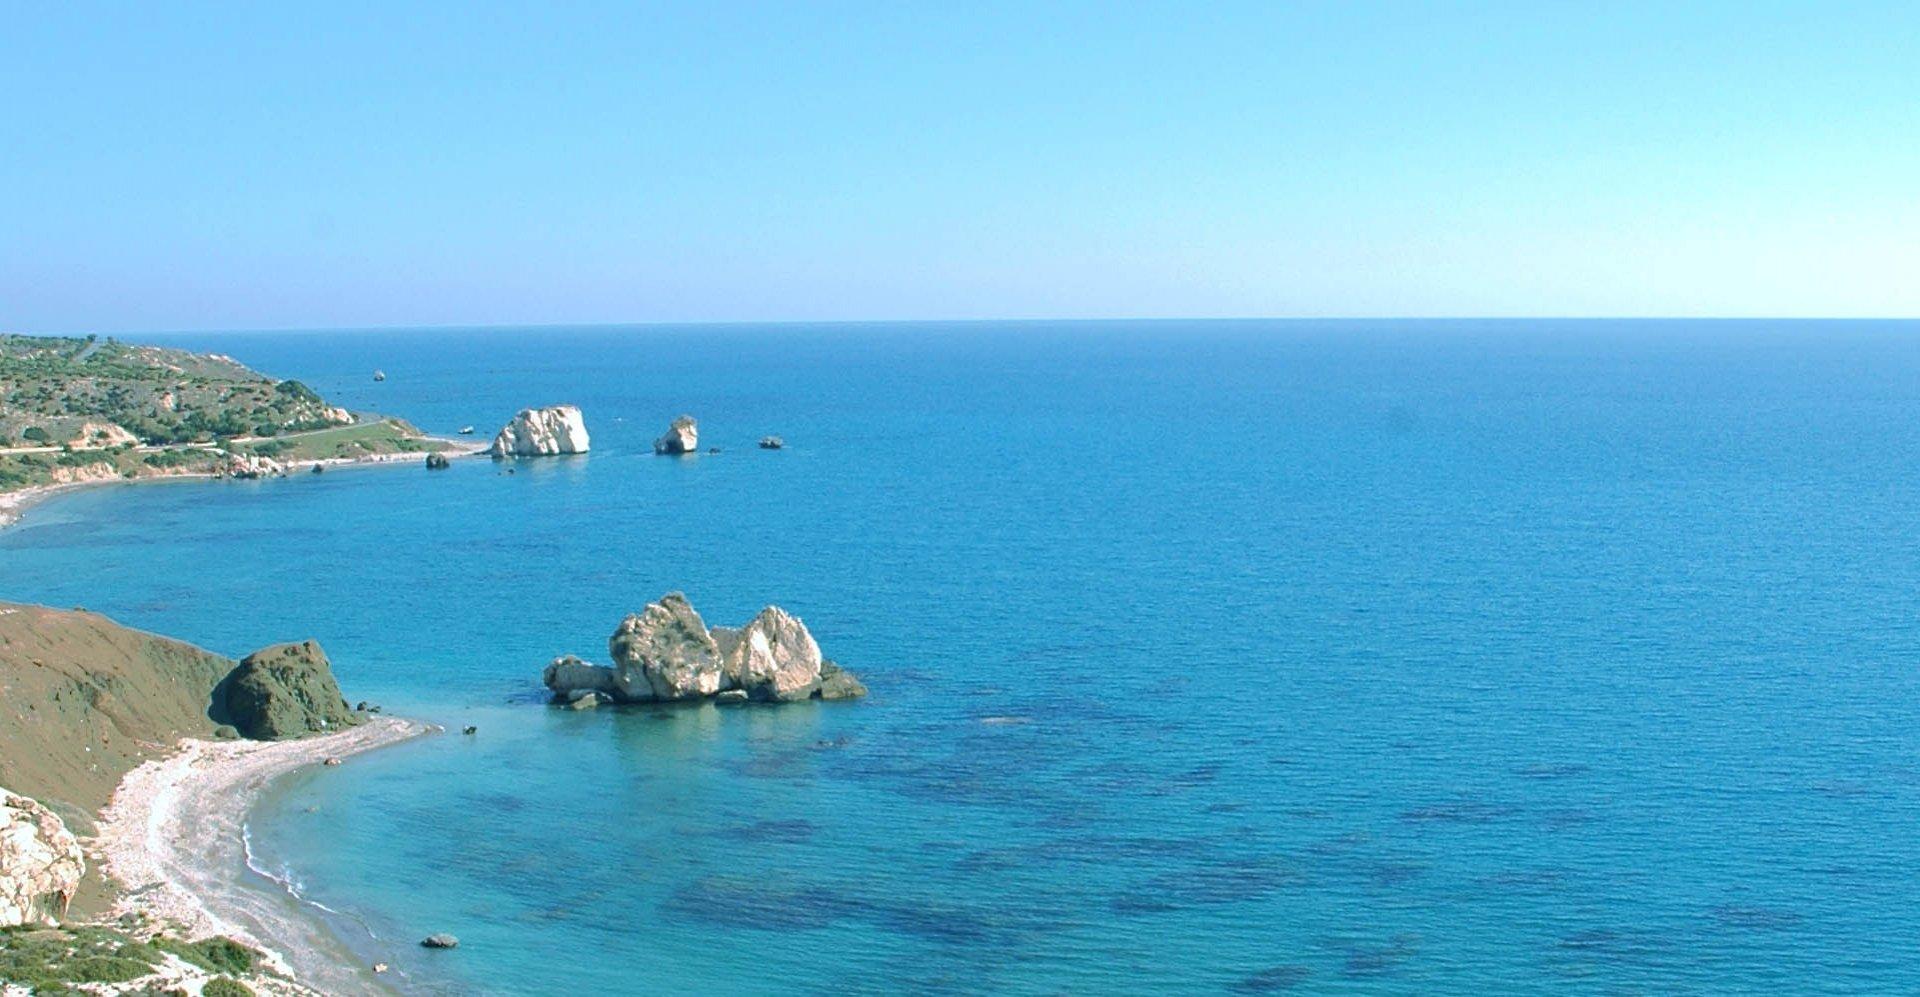 Ihr Ferienhaus auf Zypern, Malta, Kreta, Korfu und Rhodos